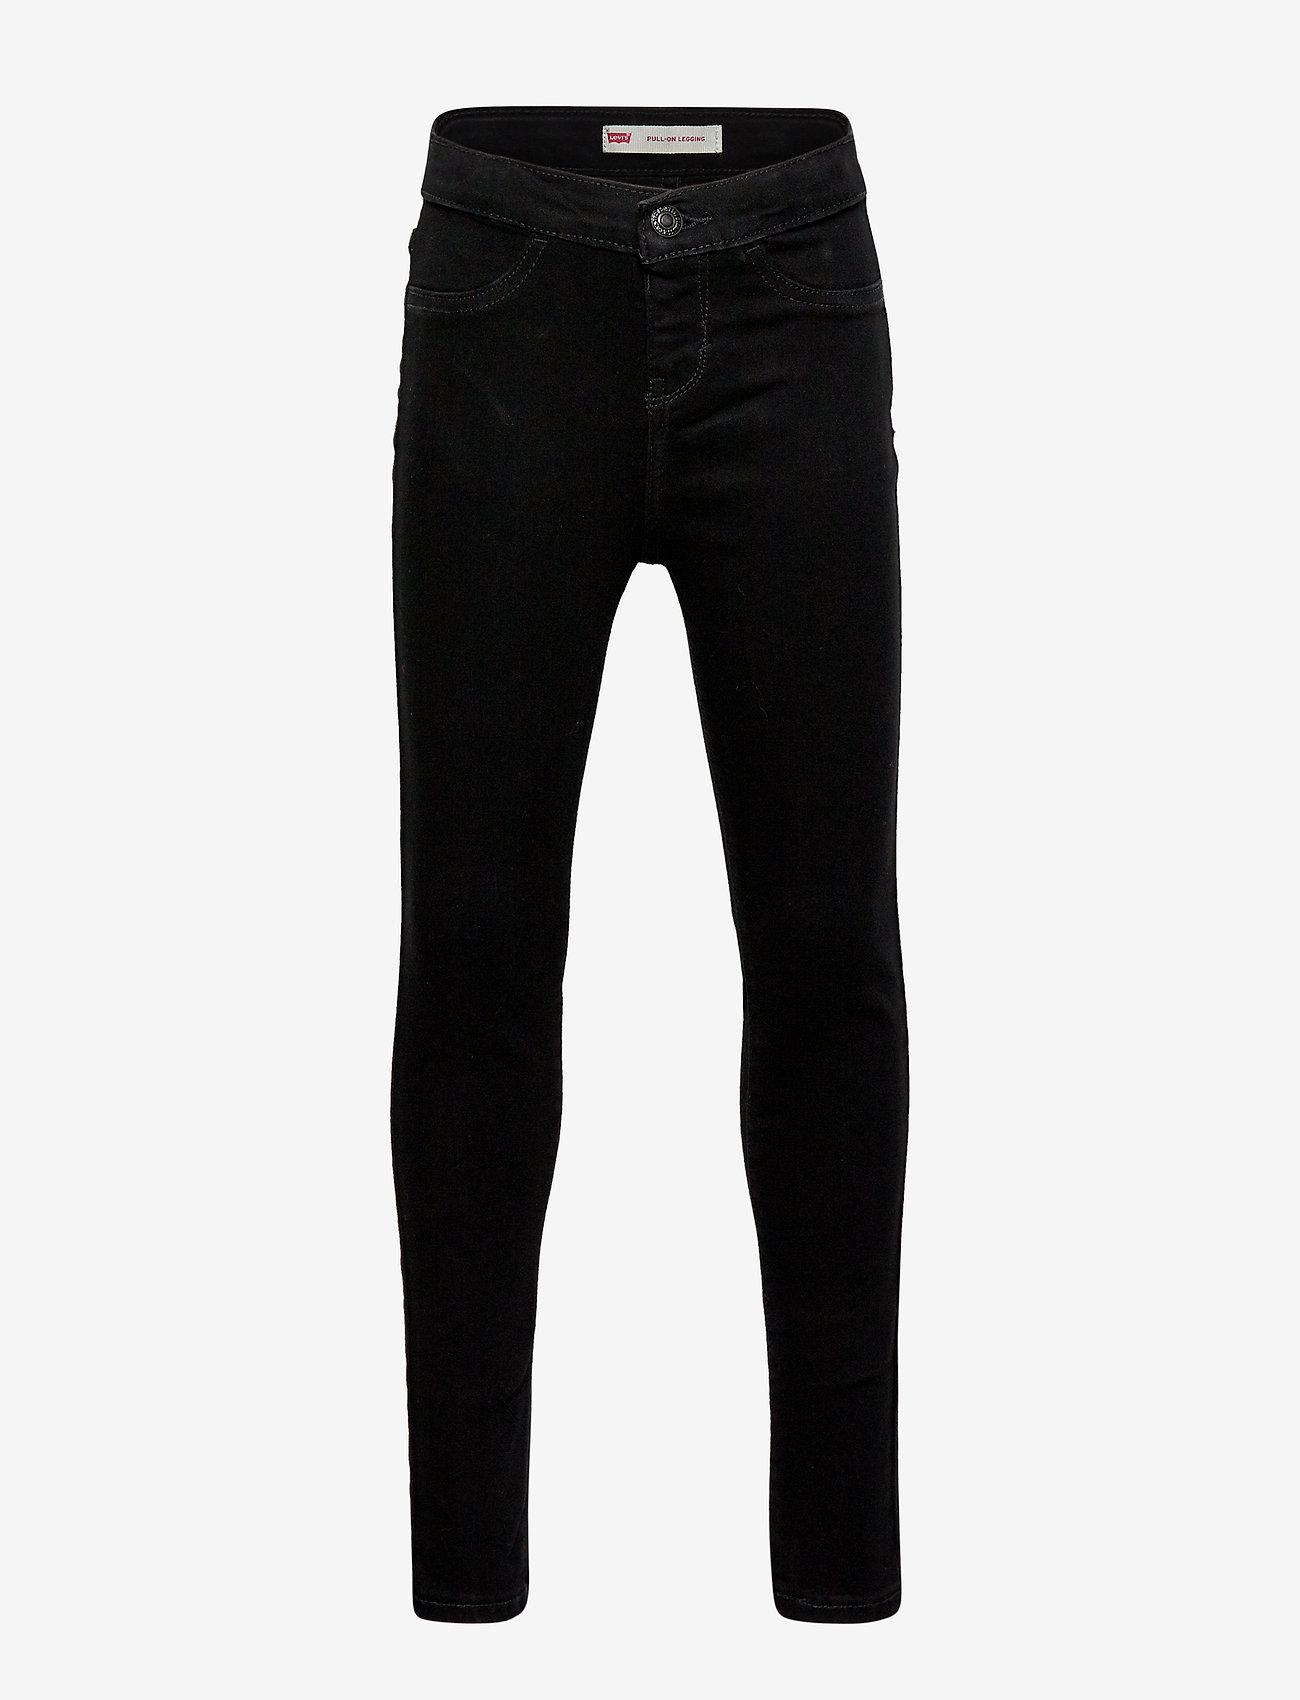 Levi's - Pull-On Legging - jeans - noir - 0